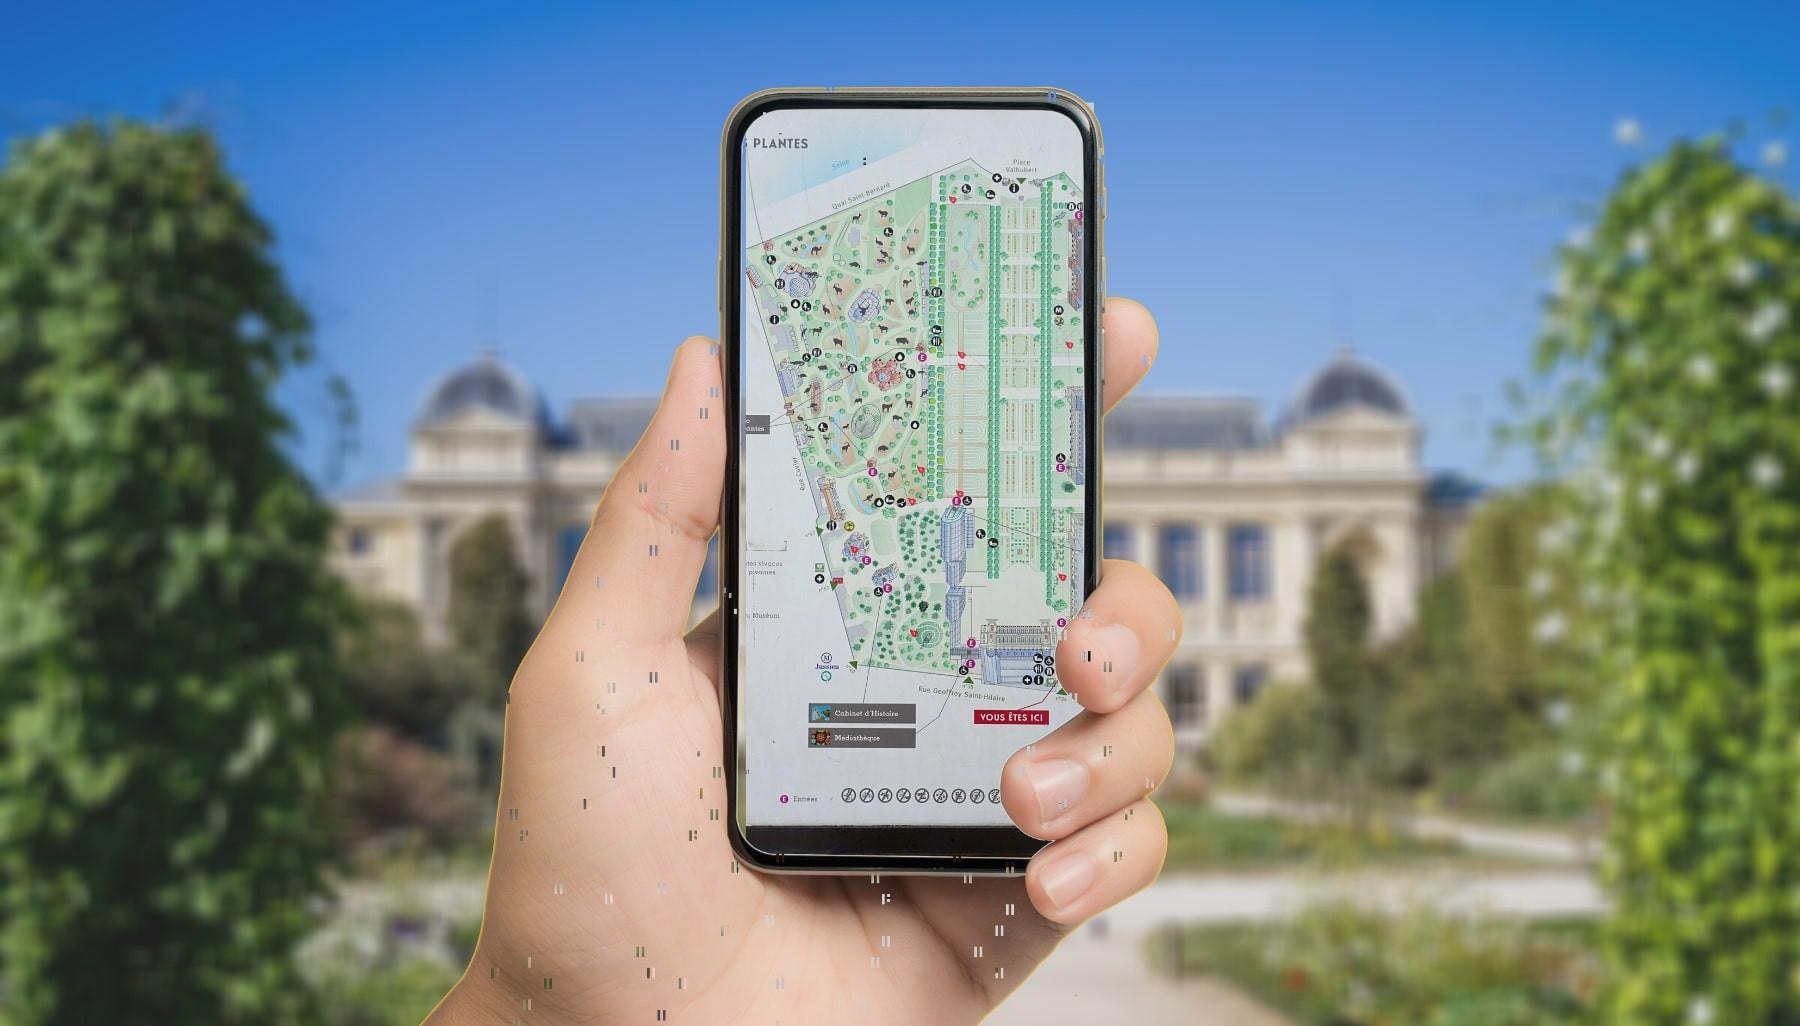 Jeu de piste sur téléphone à Paris